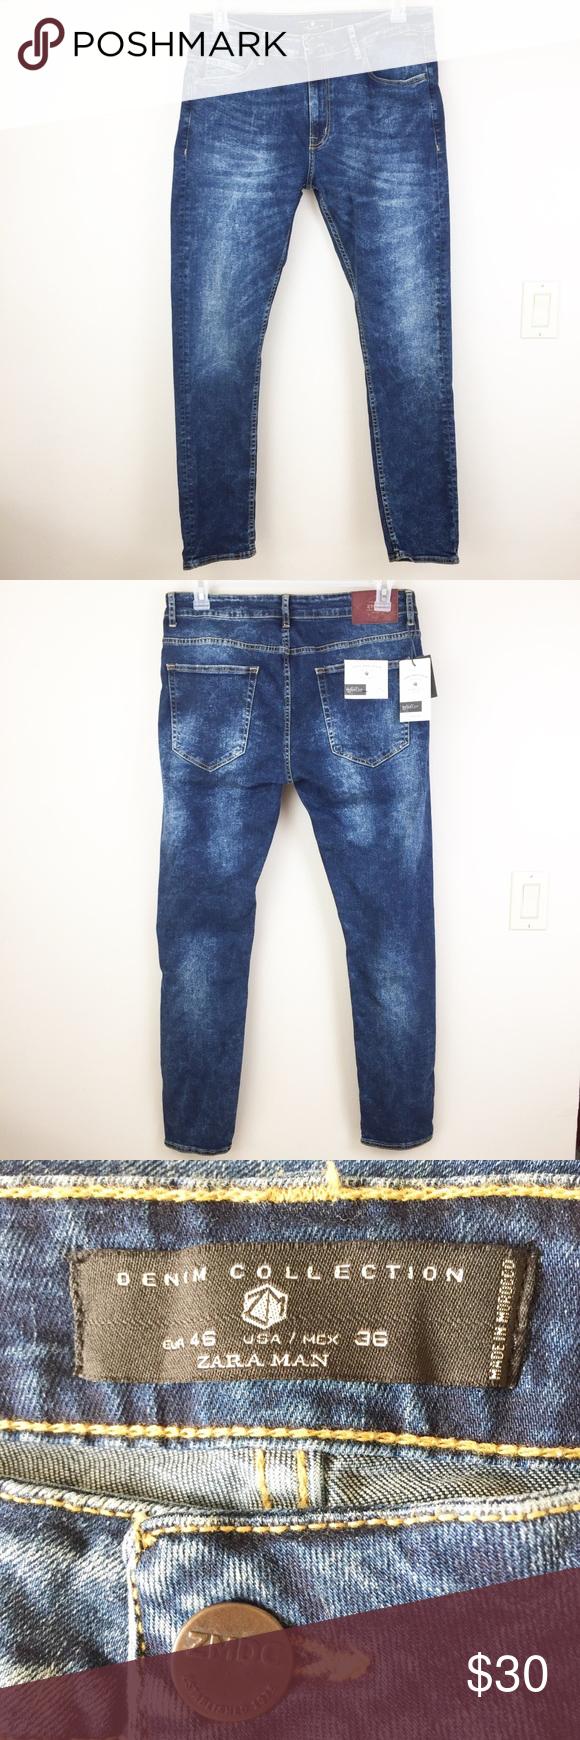 250d61f9 Zara Man Skinny Fit Denim Jeans Size 36 NWT Zara Man Basics distressed Skinny  Fit jeans